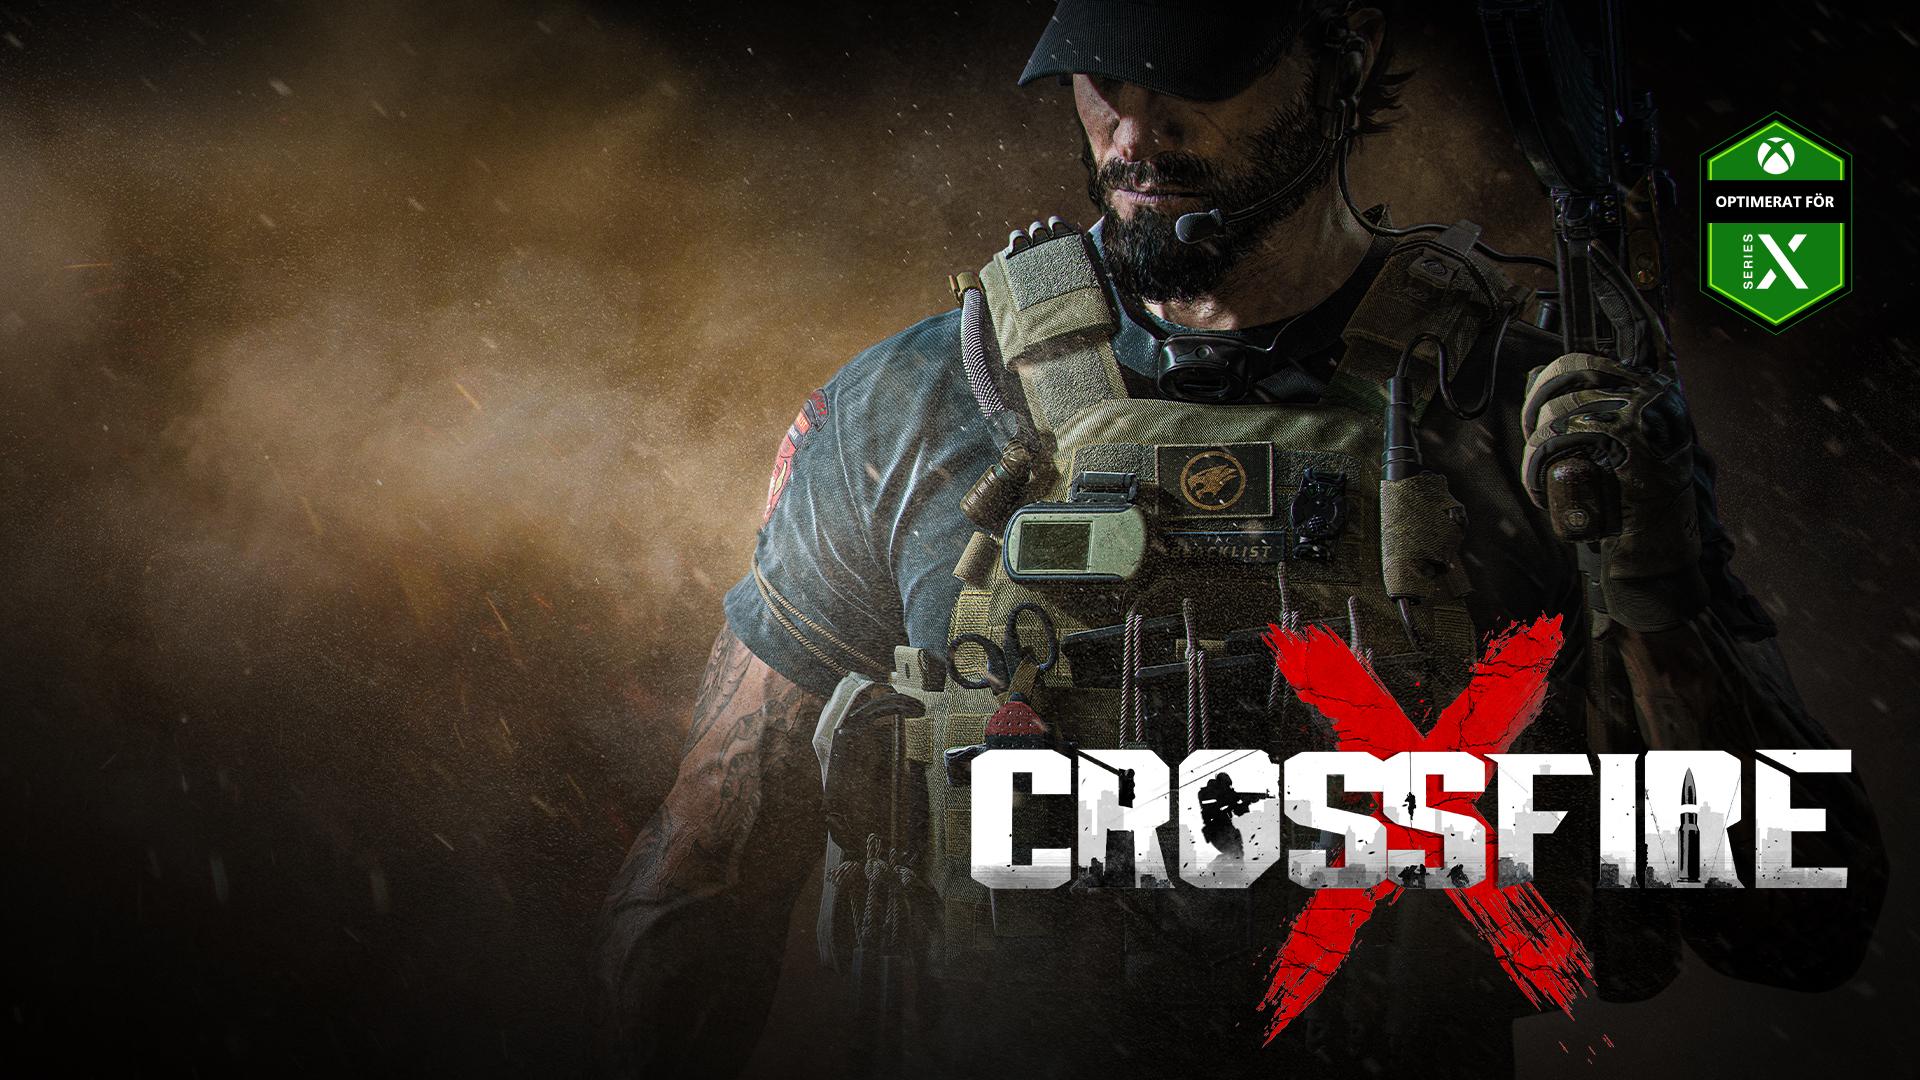 CrossfireX, Optimerat för Xbox Series X, en tungt utrustad man omgiven av rök och aska